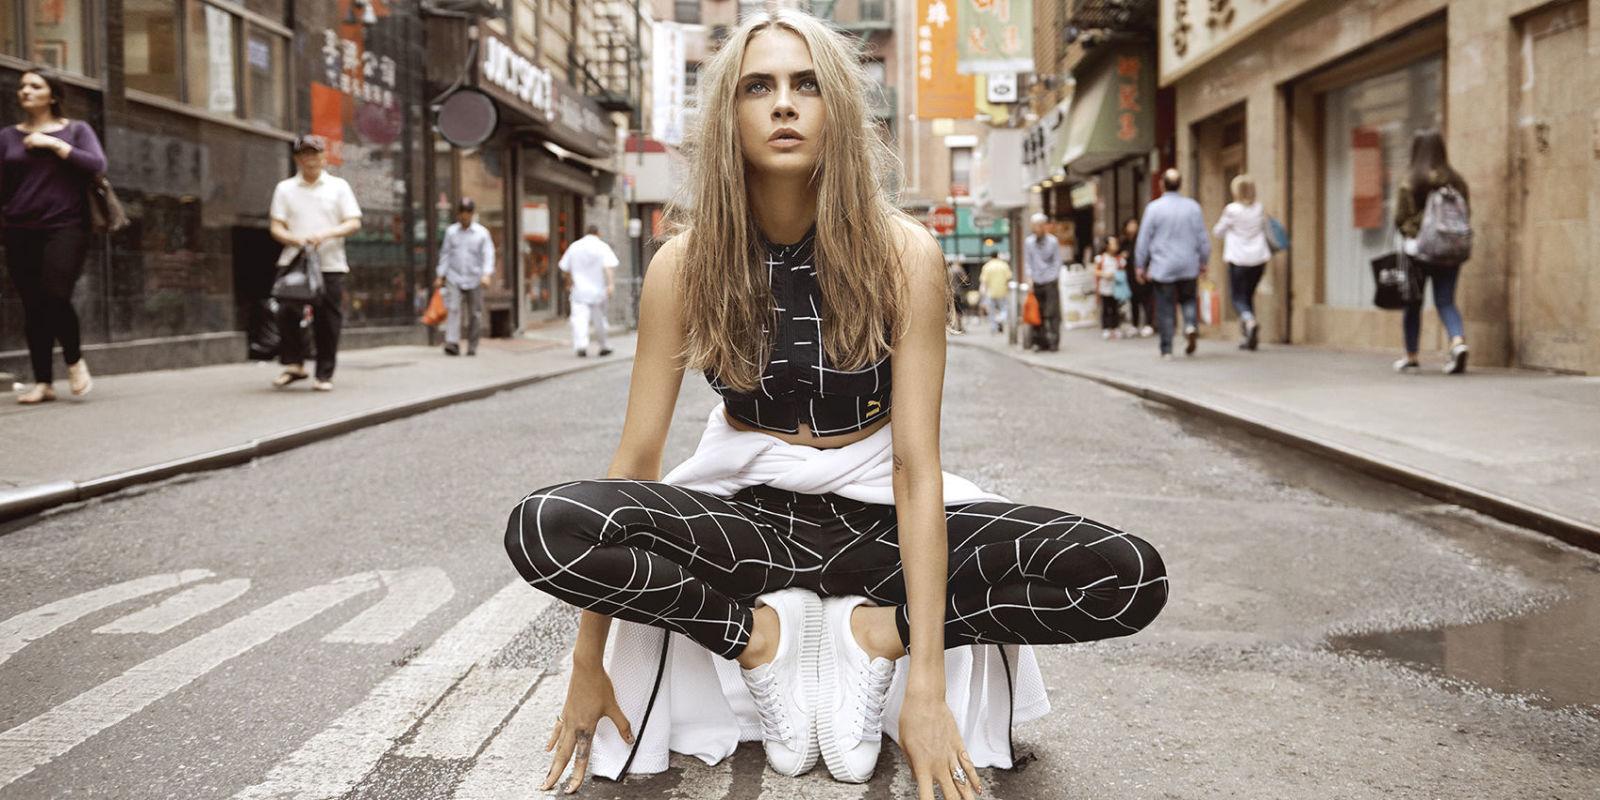 a402b4f5e3 FaShionFReaks – Page 185 of 358 – FaShionFReaks – Fashion News ...